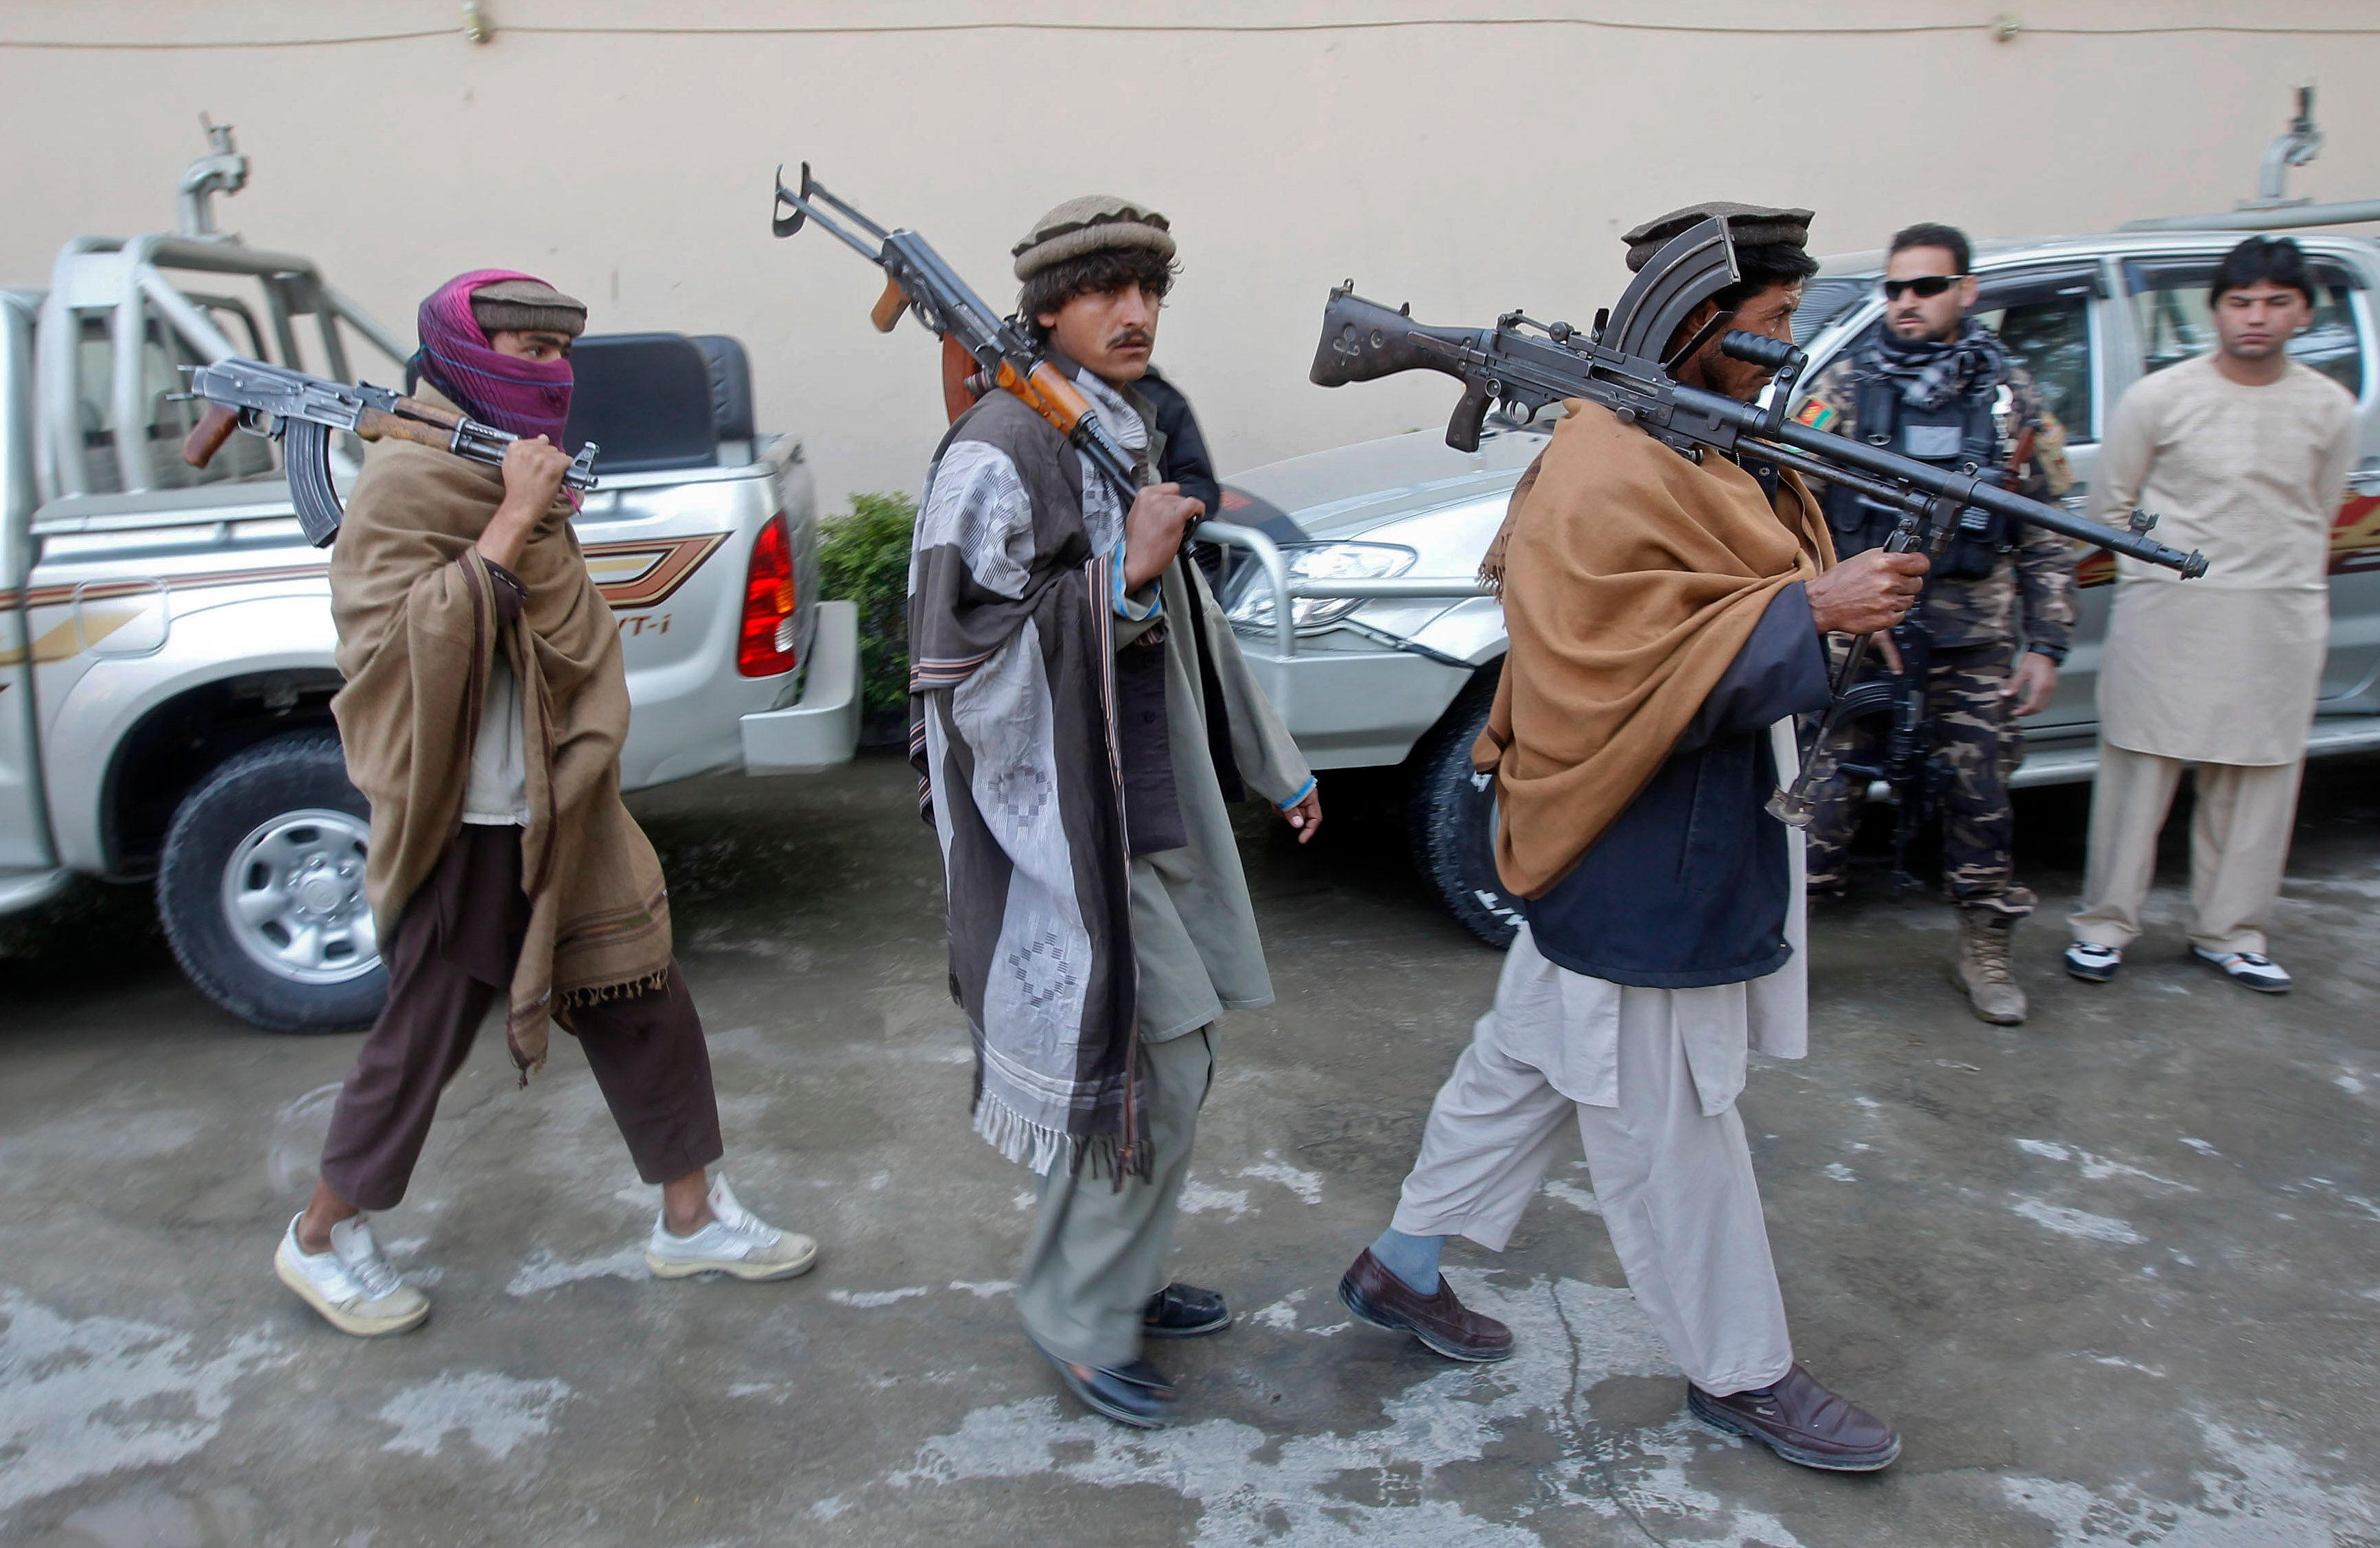 L'administration Obama vient d'annoncer l'ouverture de négociation de paix avec les Talibans, minant ainsi un peu plus la faible autorité du président Hamid Karzaï.